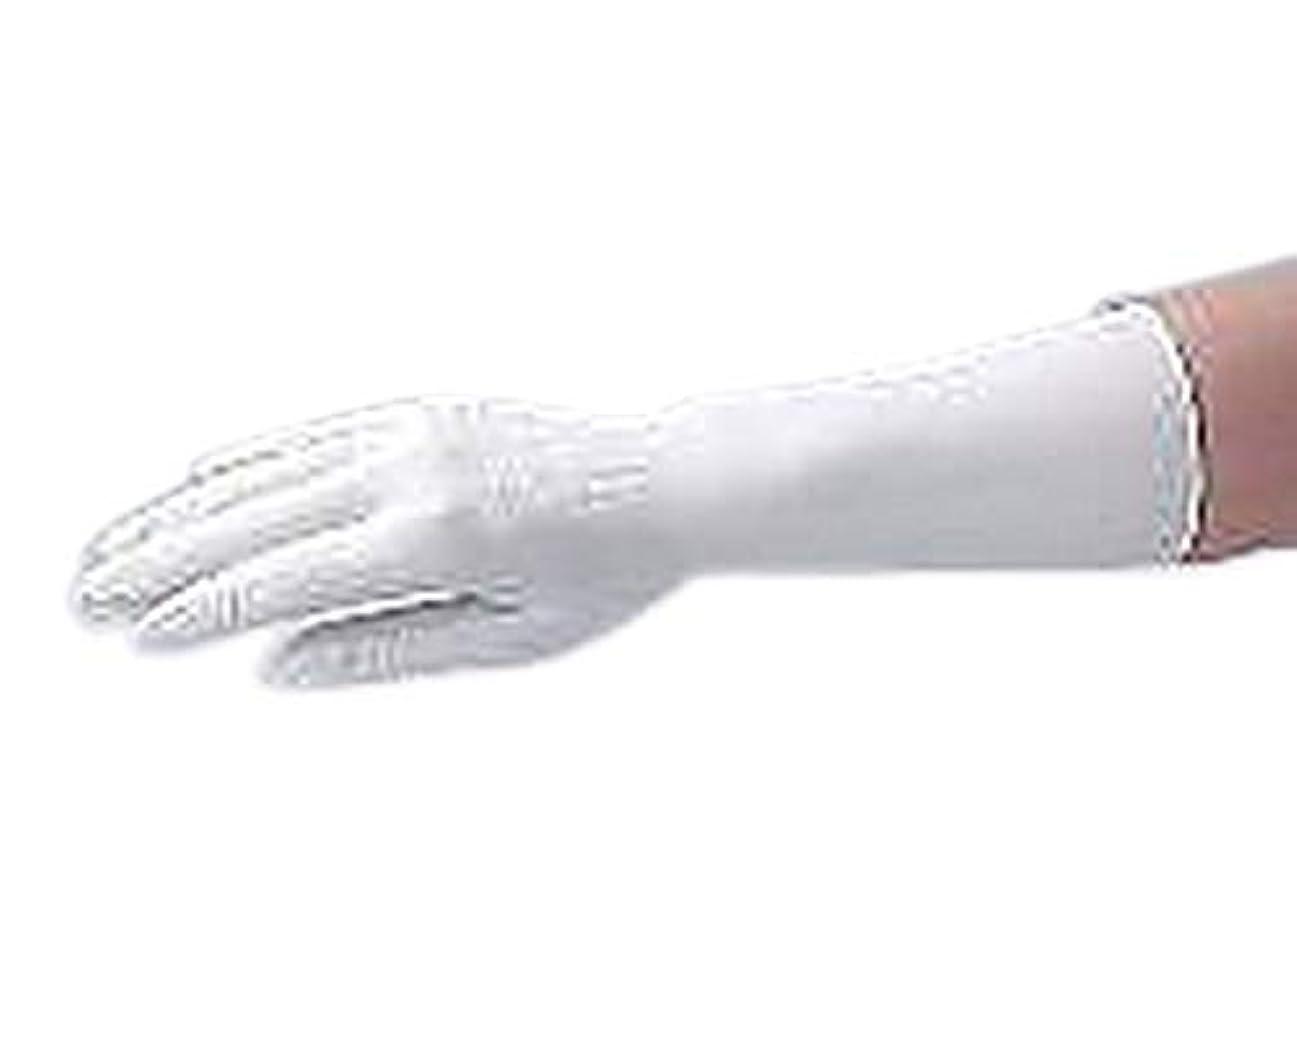 ジェットプレーヤー屋内でアズワン アズピュア クリーンノール ニトリル手袋(ペアタイプ) XL 左右各100枚×5袋入 /1-2323-55